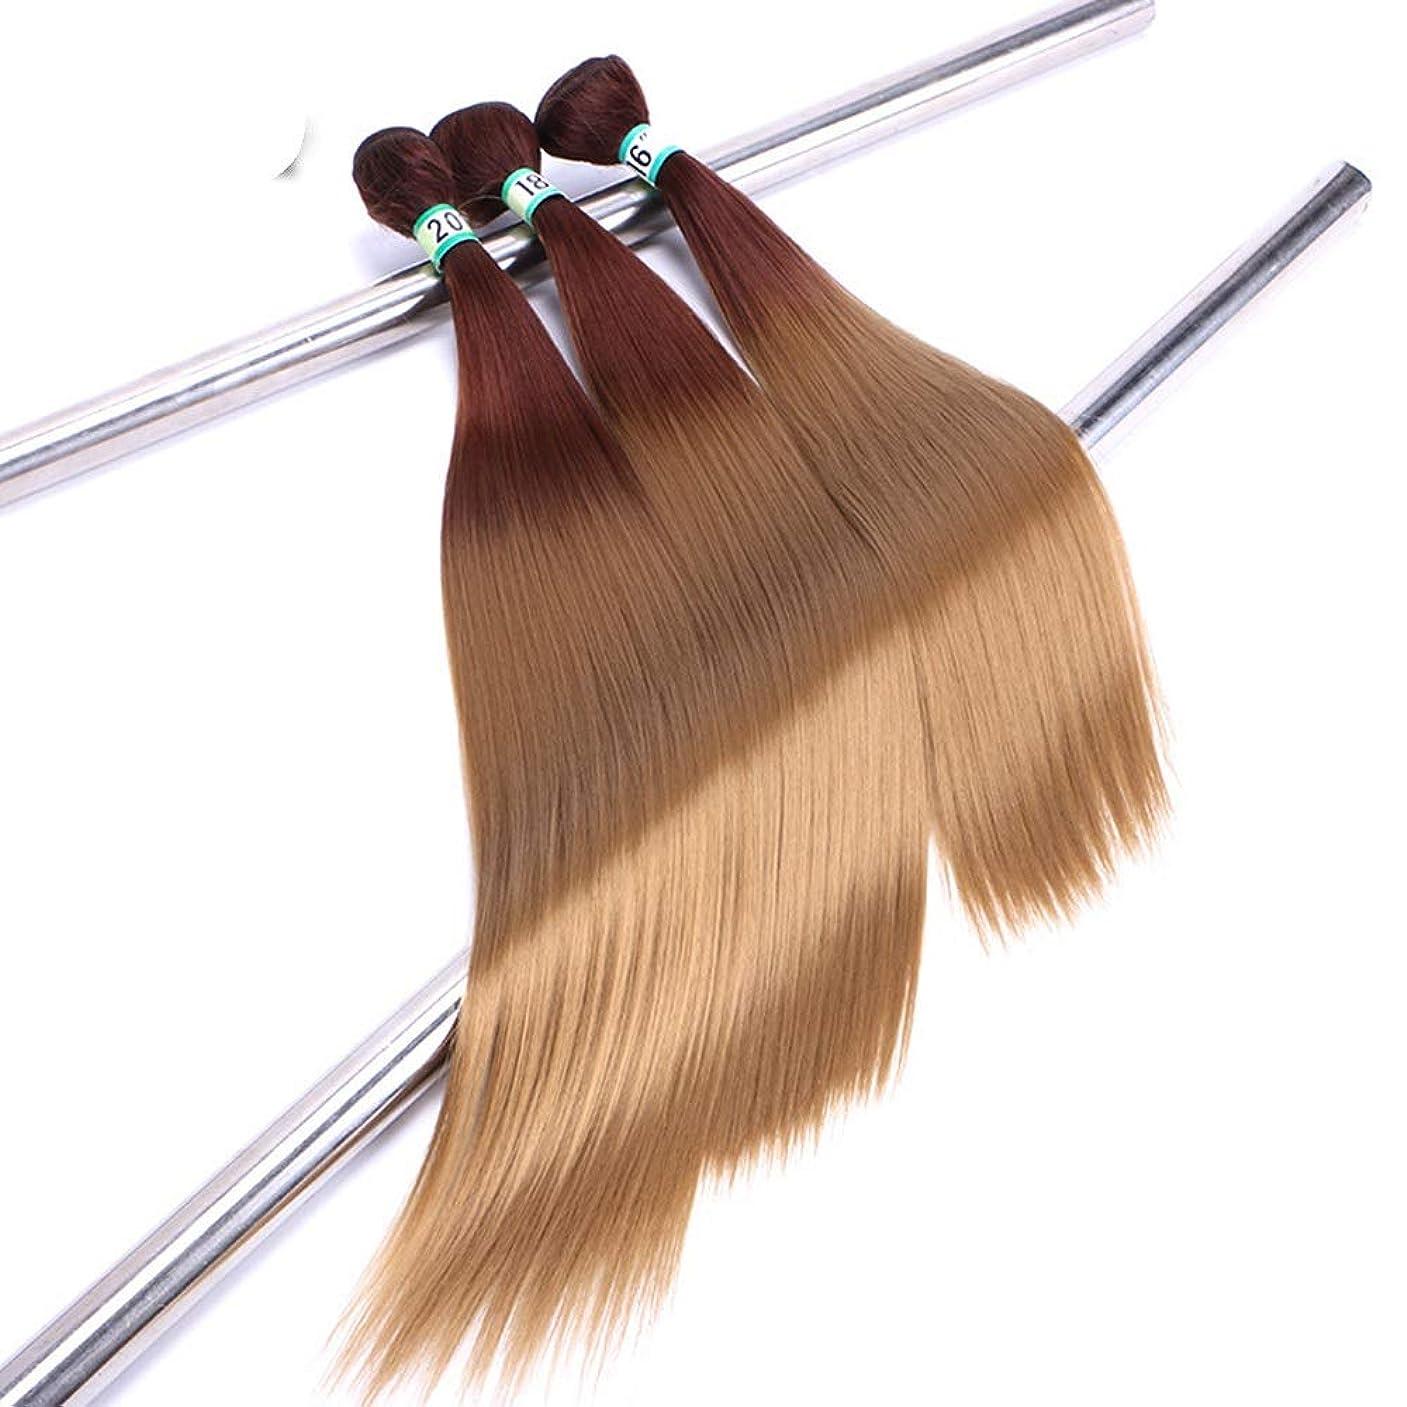 しかしキャッシュ間に合わせBOBIDYEE 黒のグラデーション茶色の髪織りバンドルヘアエクステンション横糸 - ストレートヘア(3バンドル、70g /バンドル)合成髪レースかつらロールプレイングウィッグロング&ショート女性自然 (色 : ブラウン, サイズ : 16